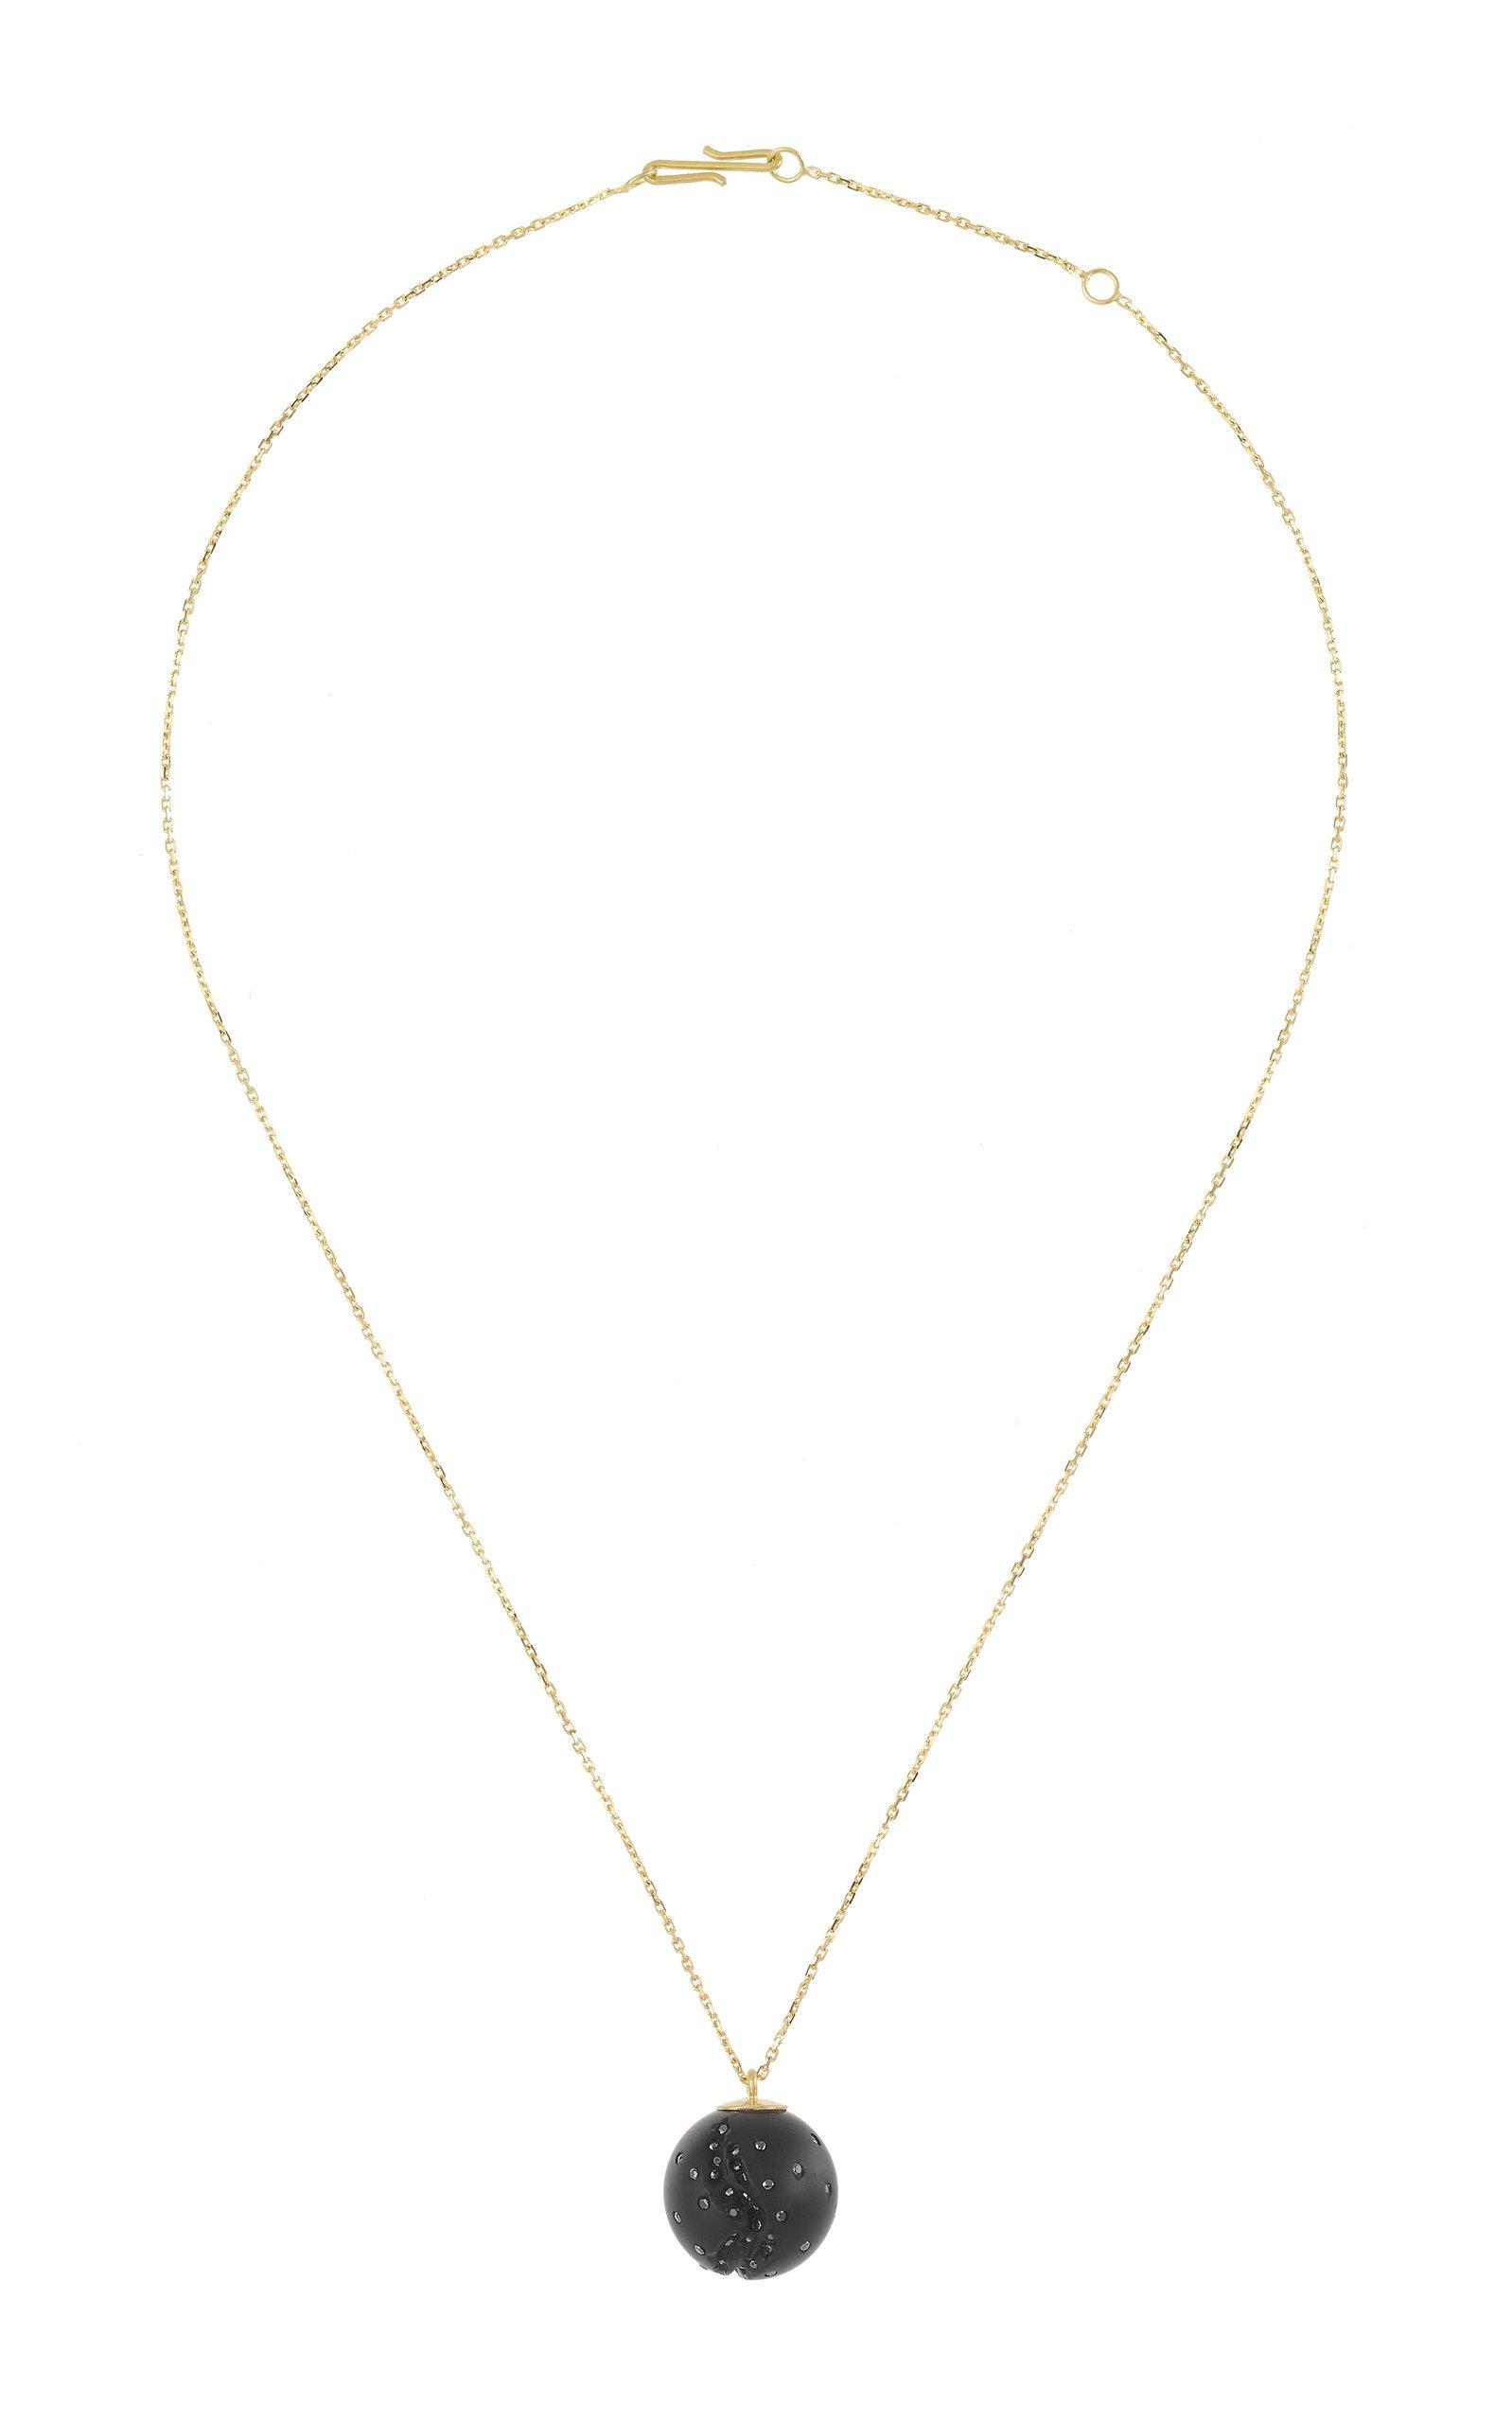 Jacqueline Cullen Atomic Sphere Necklace